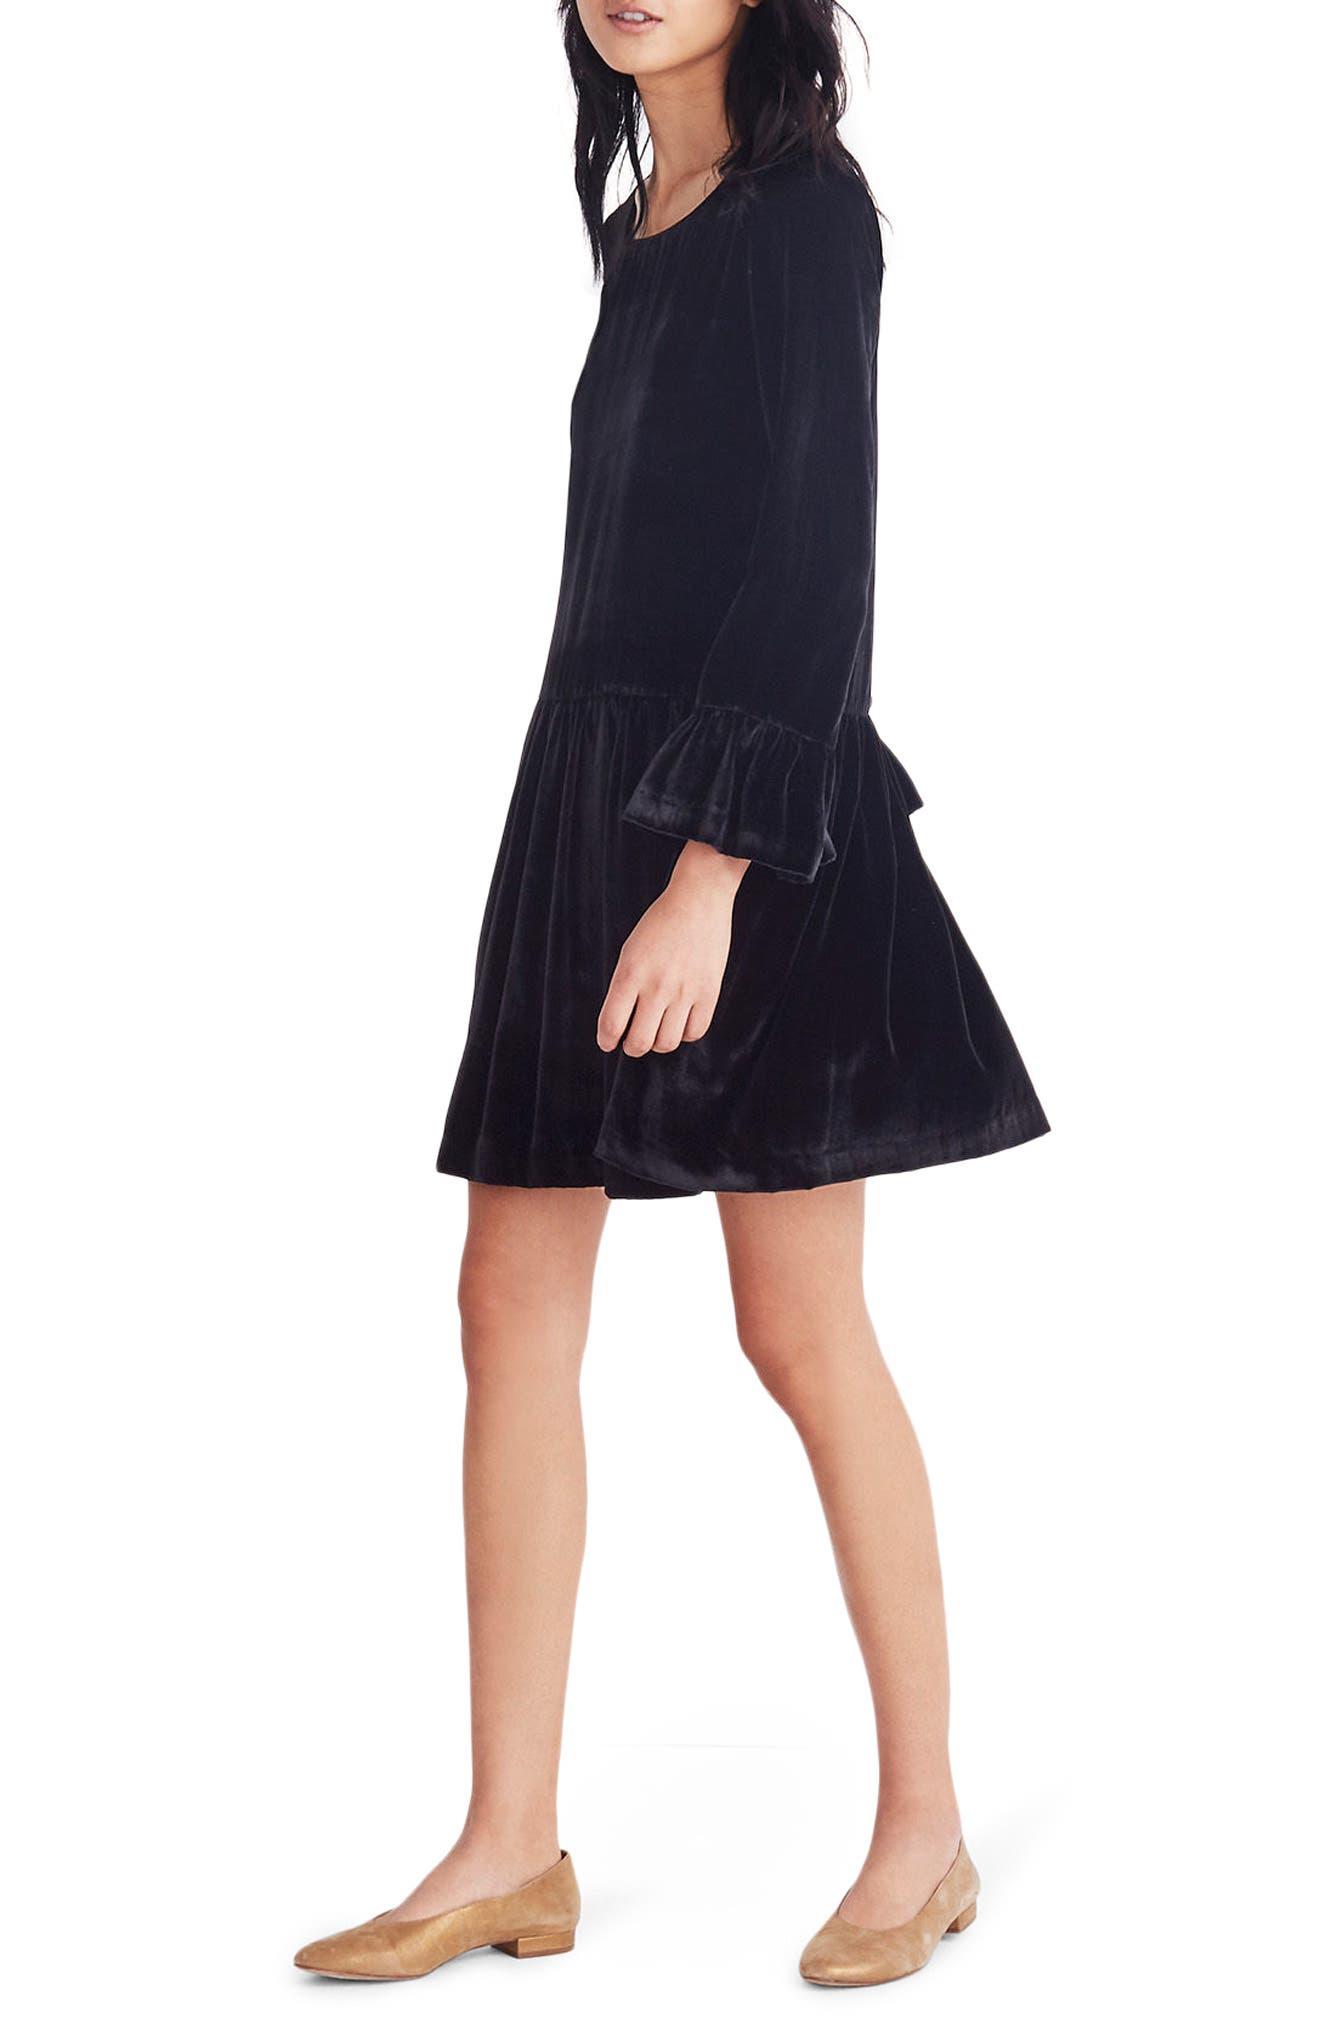 Alternate Image 1 Selected - Madewell Velvet Bell Sleeve Dress